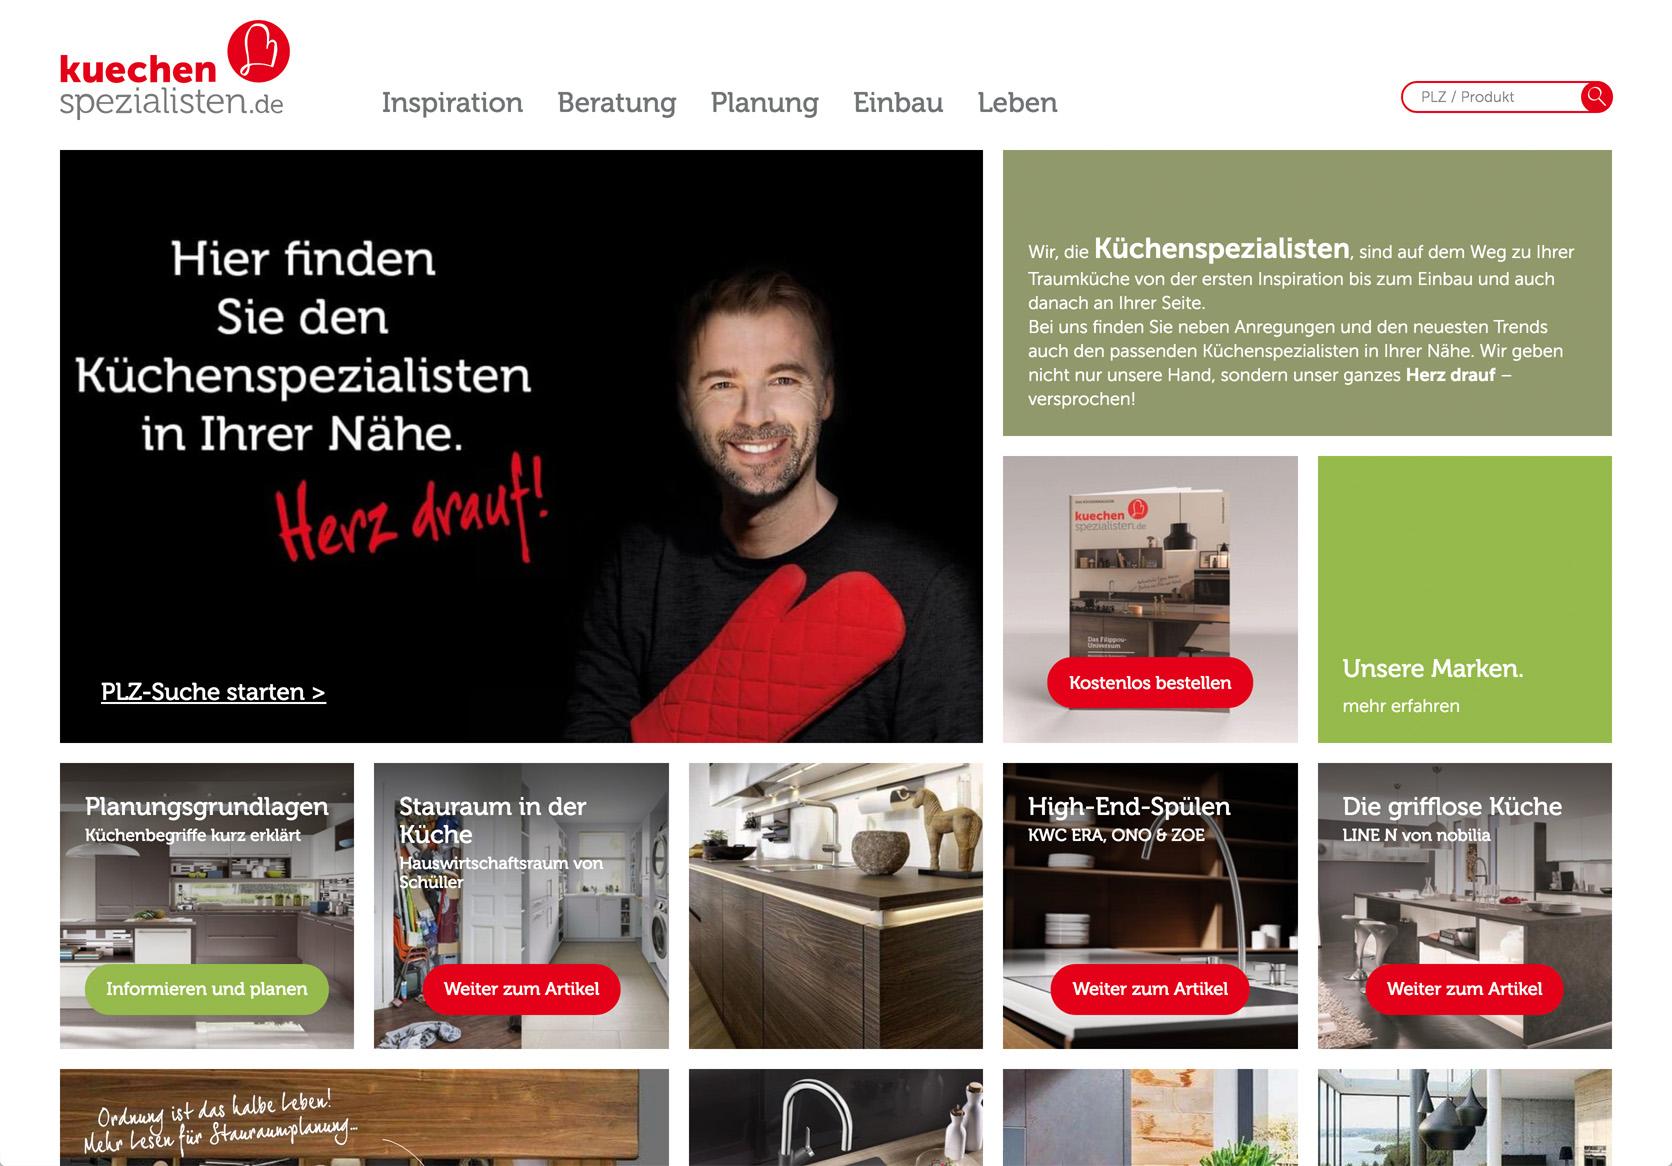 Burgdigital Blog Best User Experience Award Für